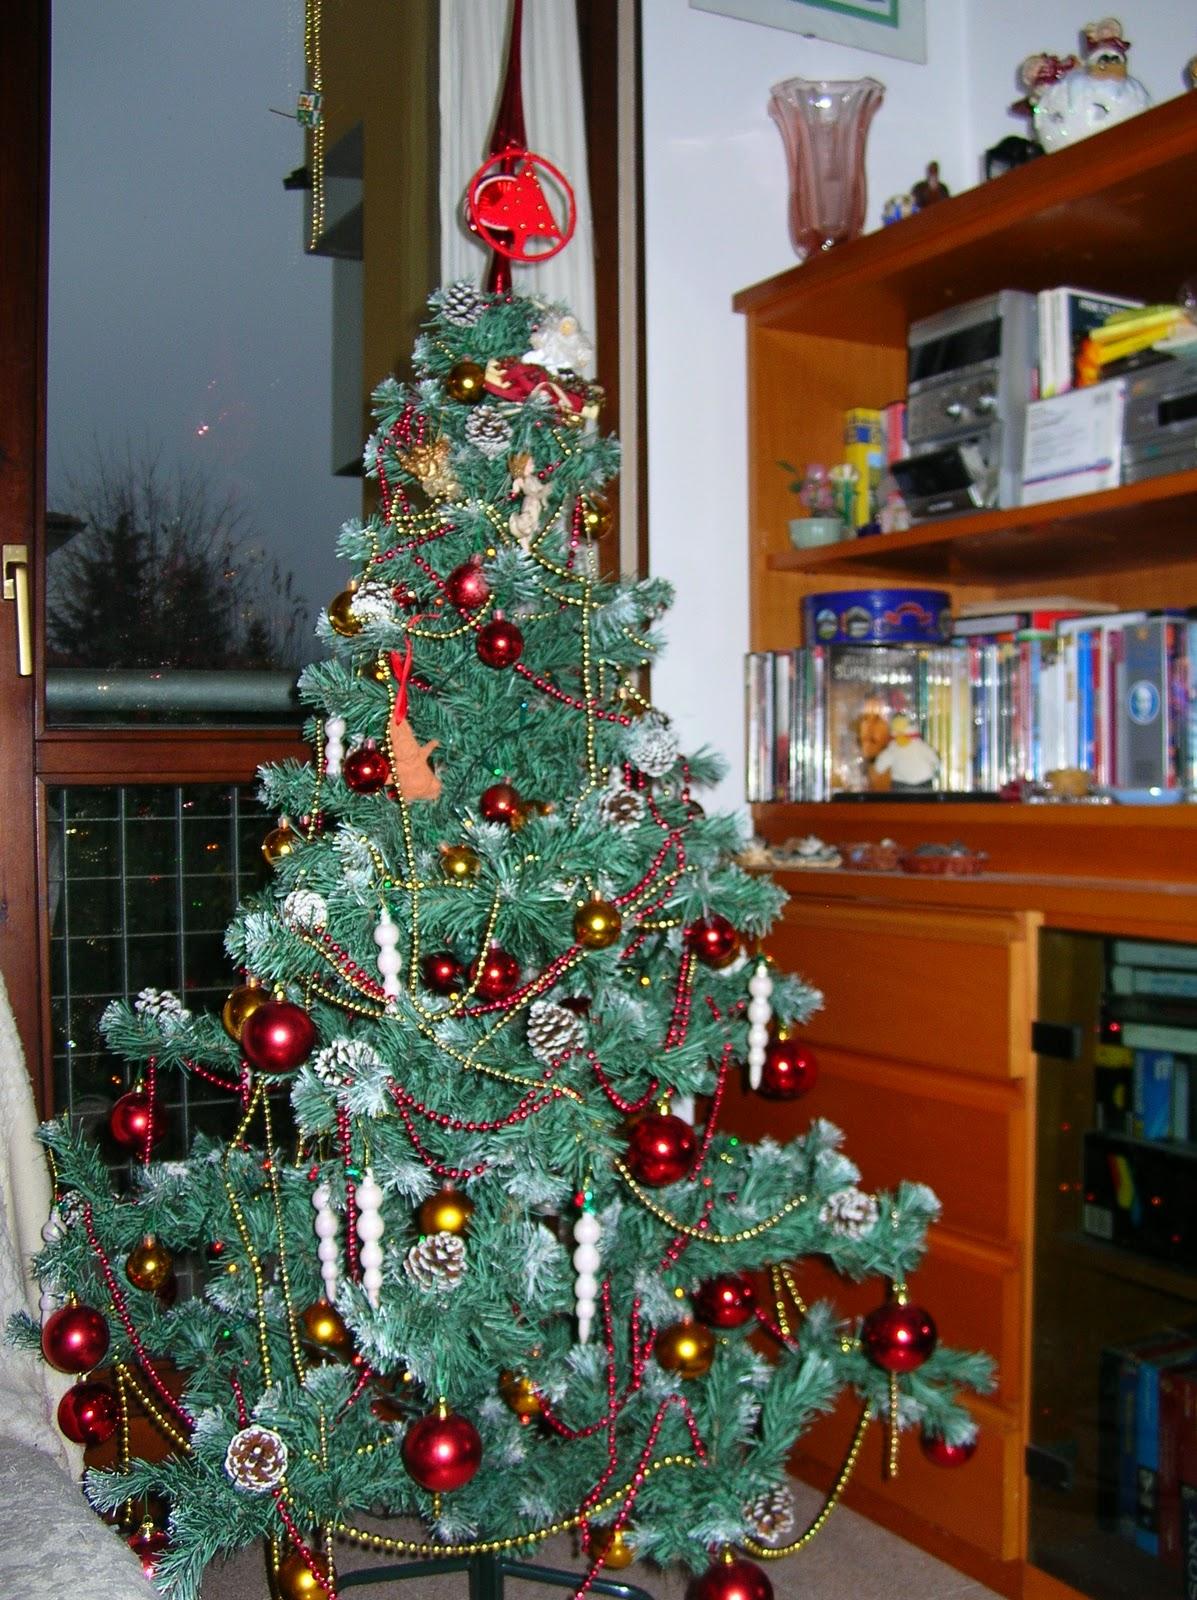 Clati 19 dicembre o tannenbaum - Come tenere la stella di natale in casa ...